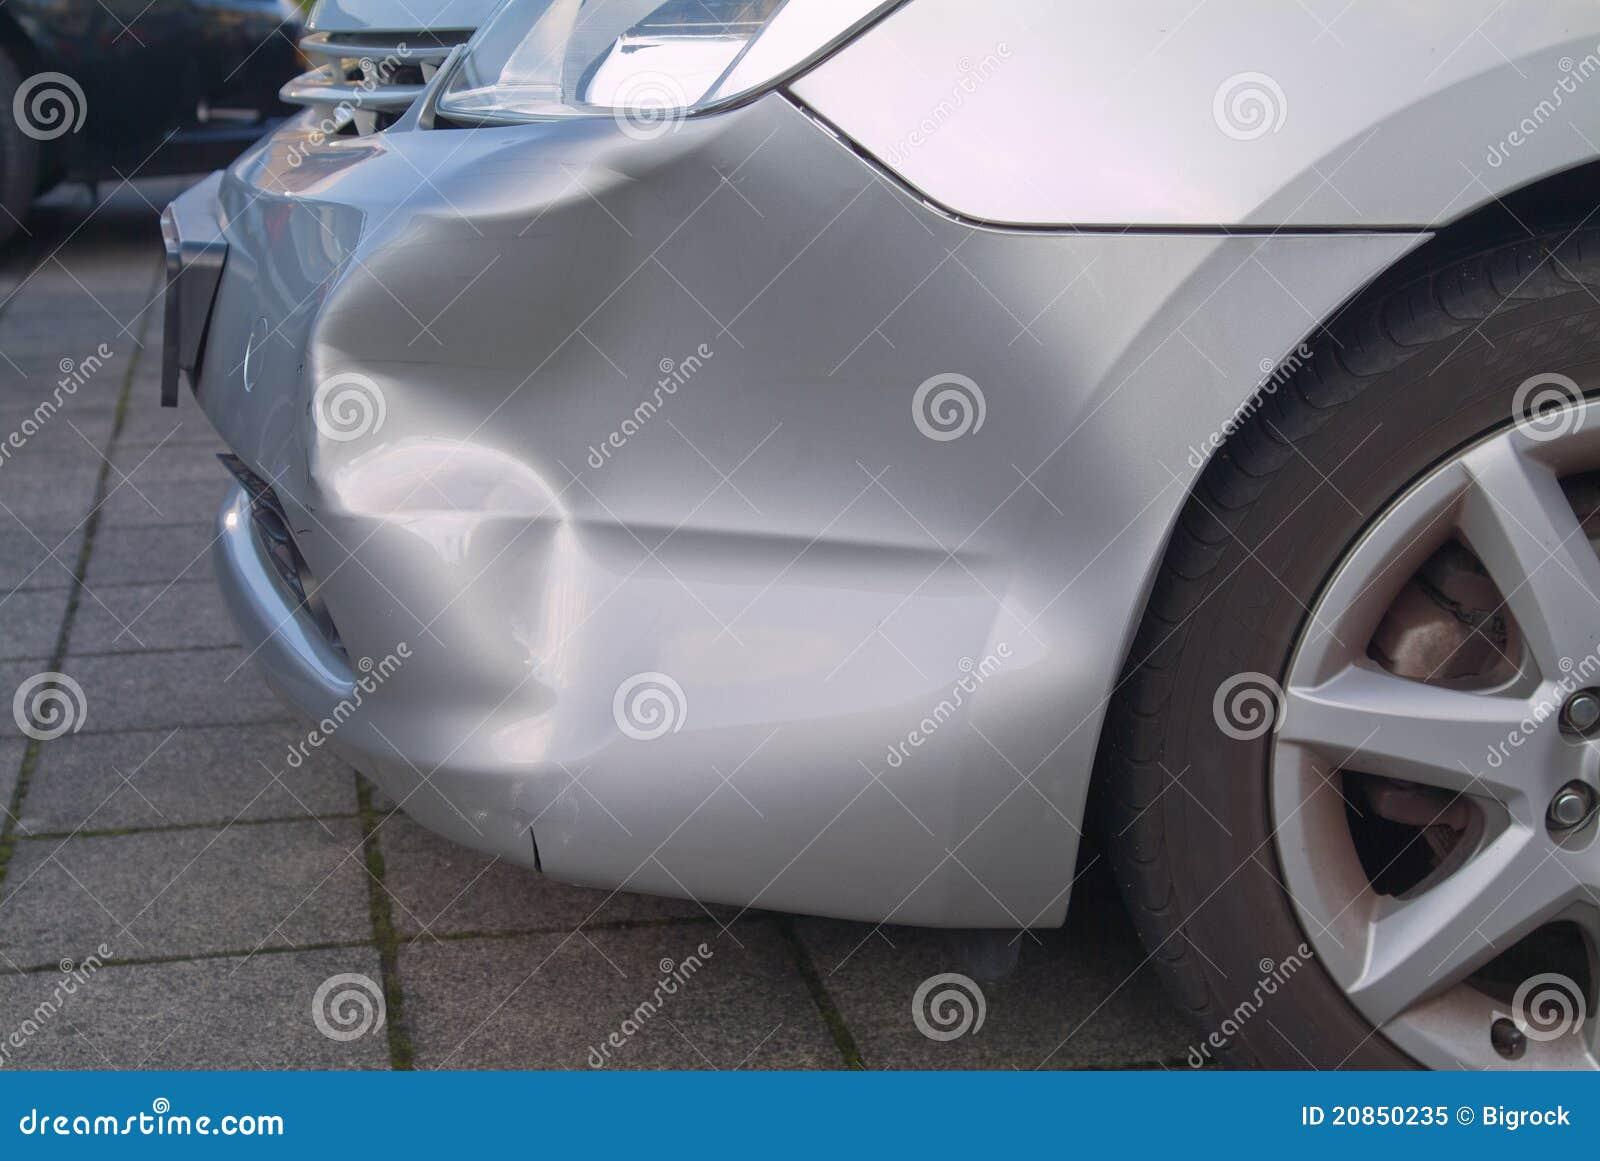 Een deuk in een auto